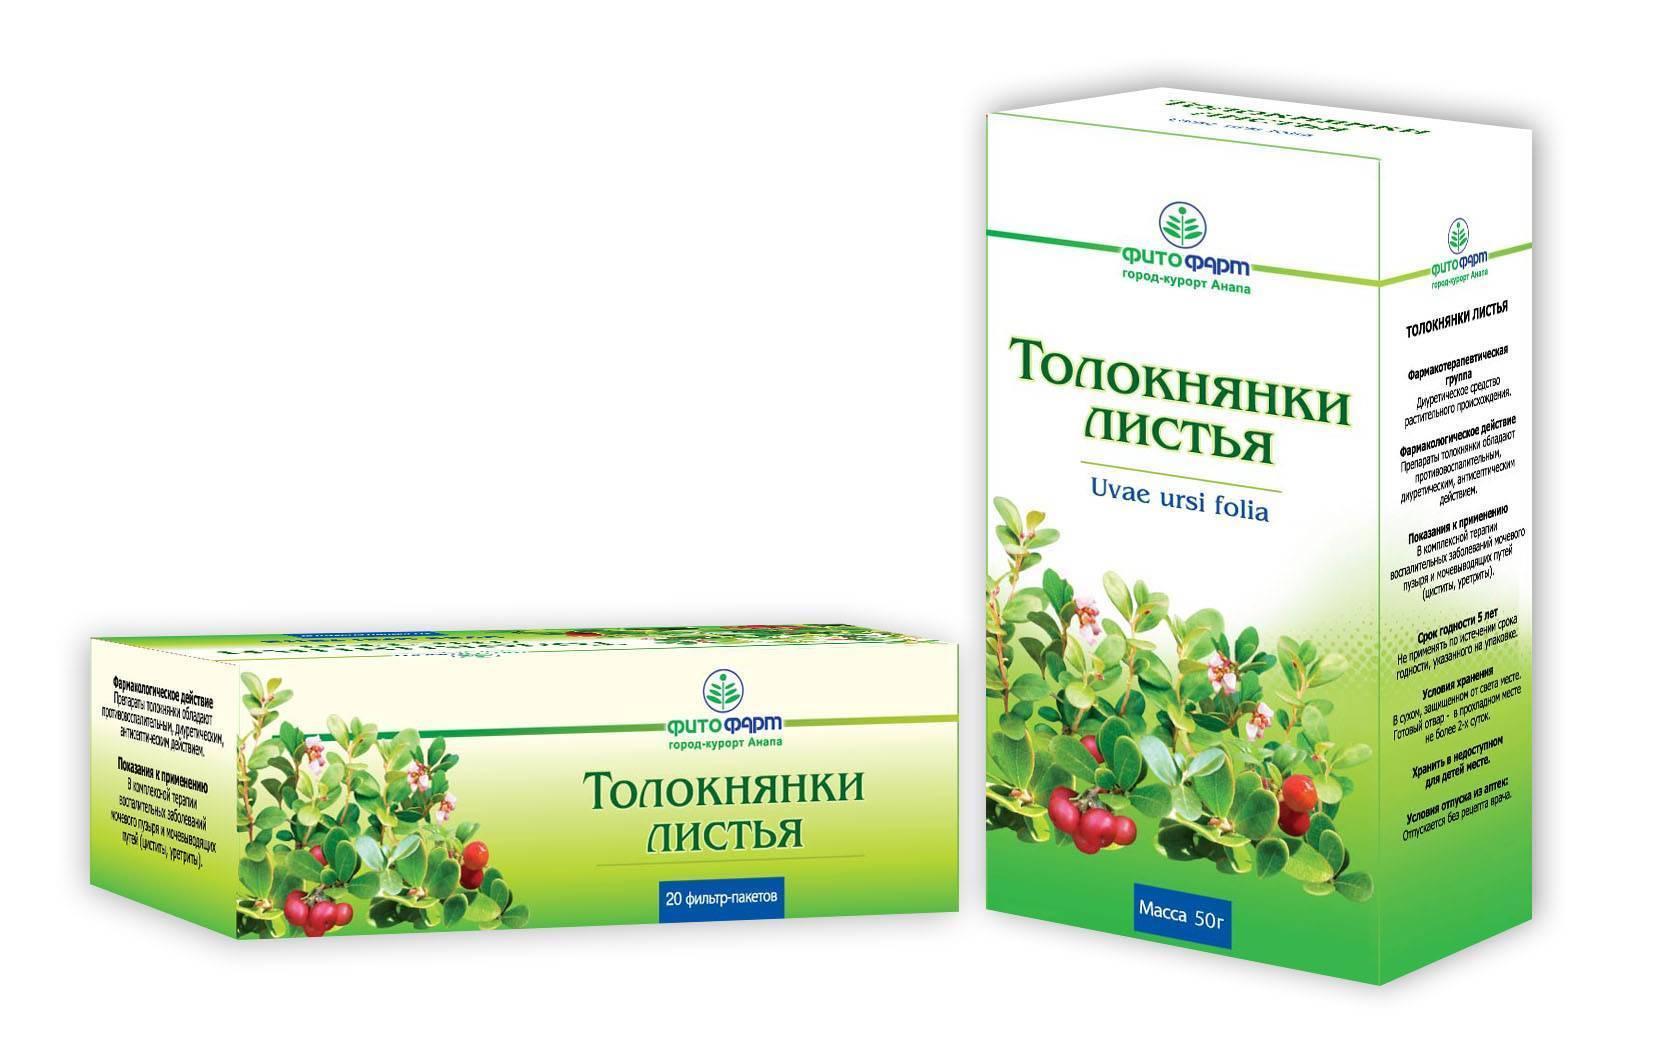 Отвар и настойка листьев толокнянки при цистите у женщин, лечение и дозировка